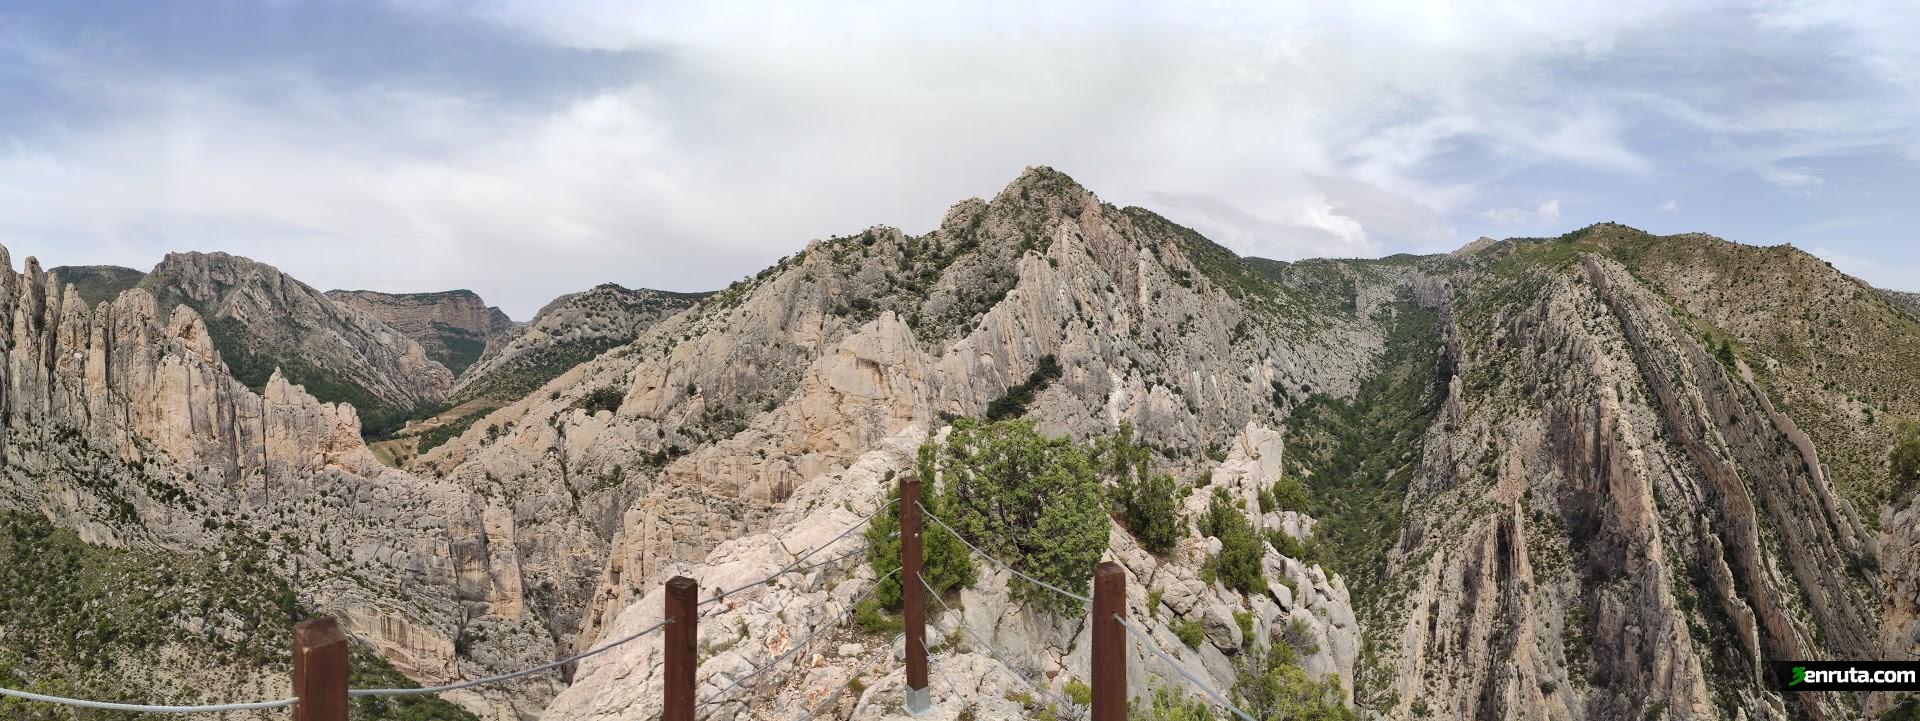 Vista panorámica desde el mirador de Valloré